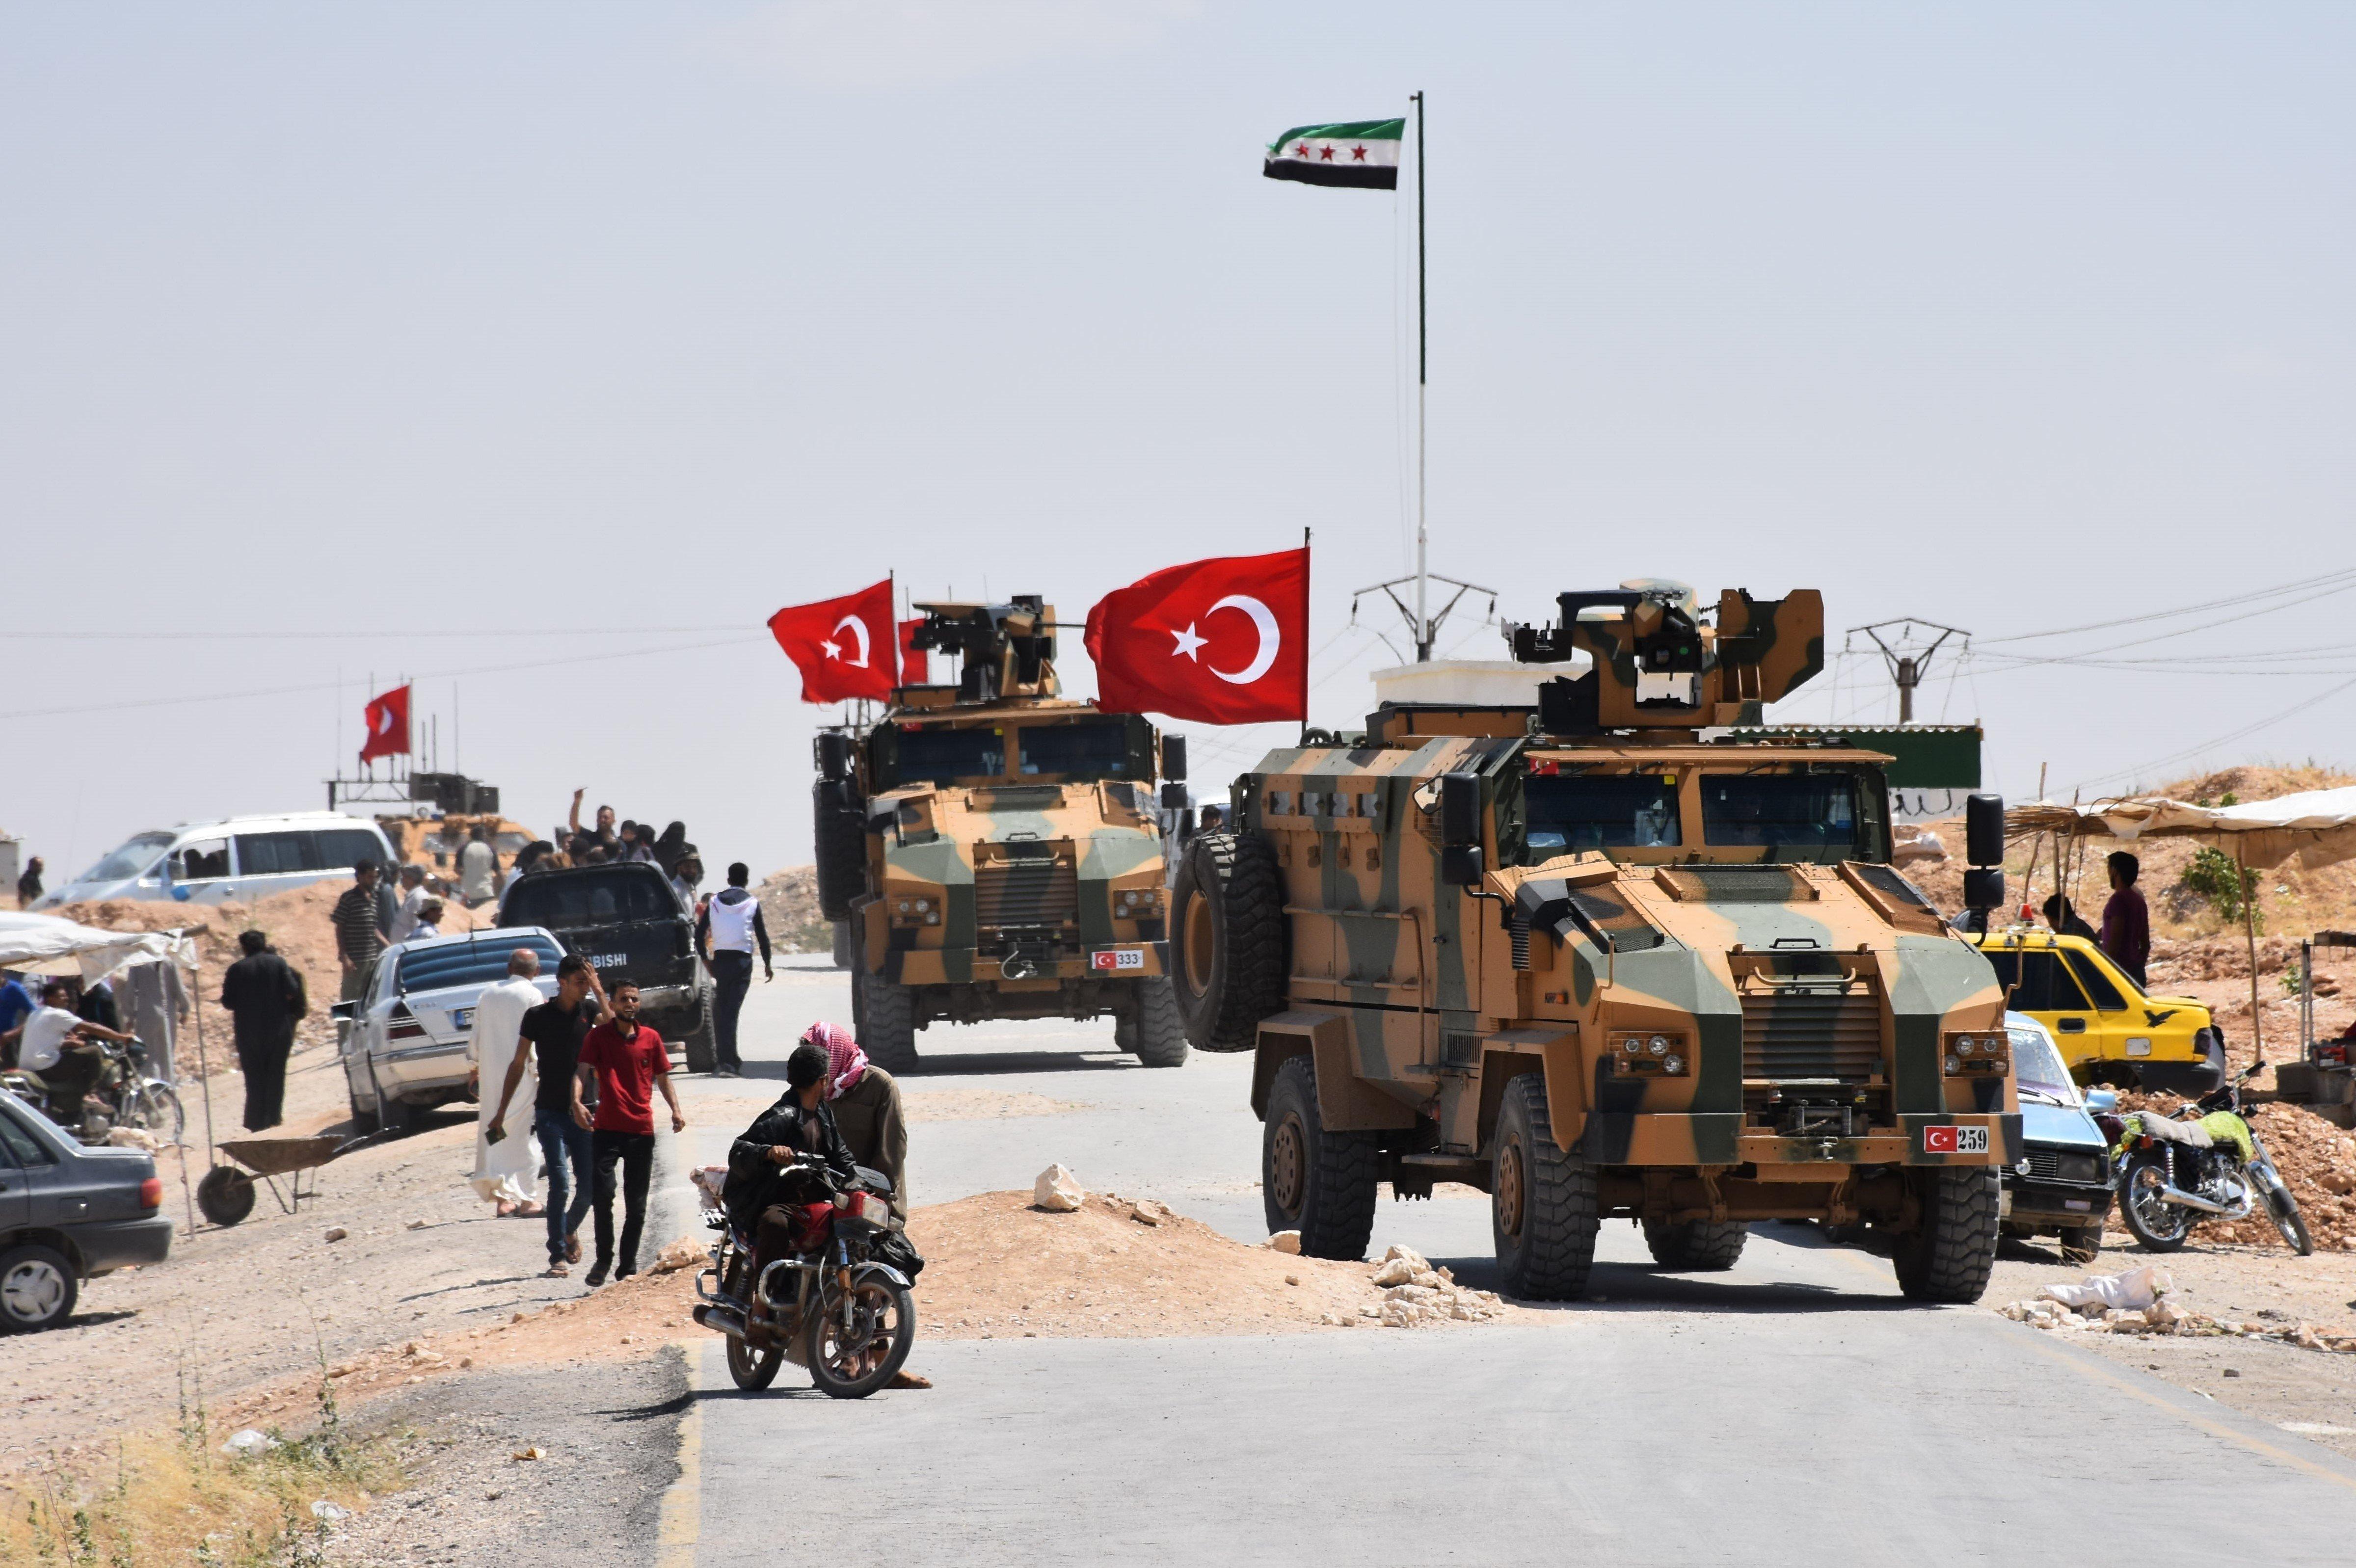 Αποχωρούν από την Μανμπίτζ της Συρίας οι Κούρδοι του YPG. Υπό τον έλεγχο των Τούρκων η περιοχή μετά τη συμφωνία με τις